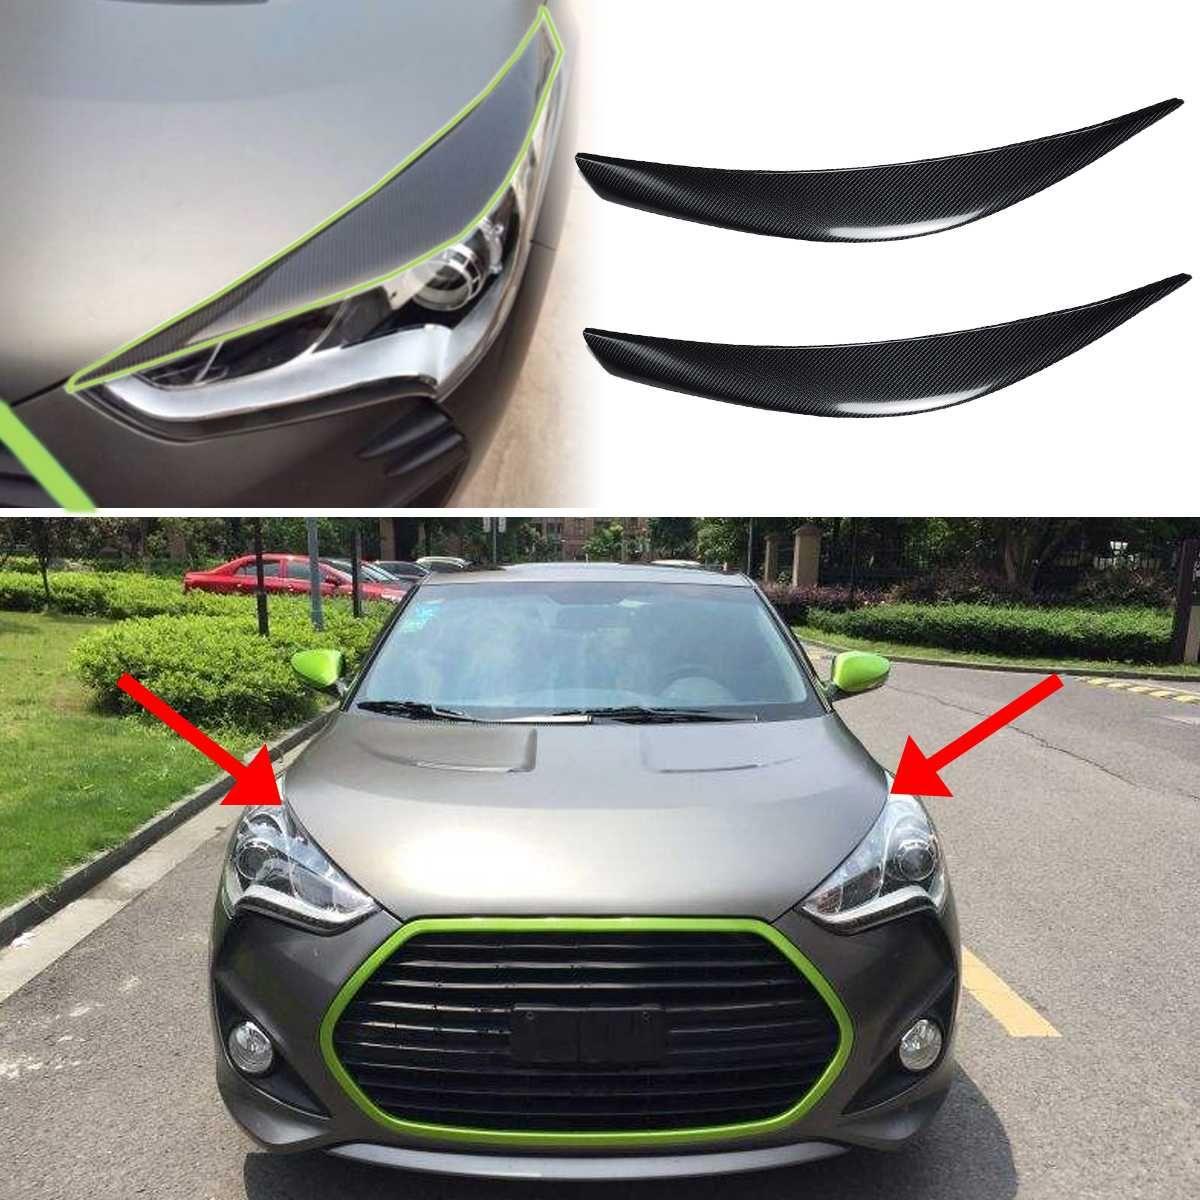 2 stücke Front Scheinwerfer Stirn Trim für Hyundai Veloster 2011-2016 Carbon Faser Auto Kopf Licht Abdeckung Aufkleber Rahmen protector